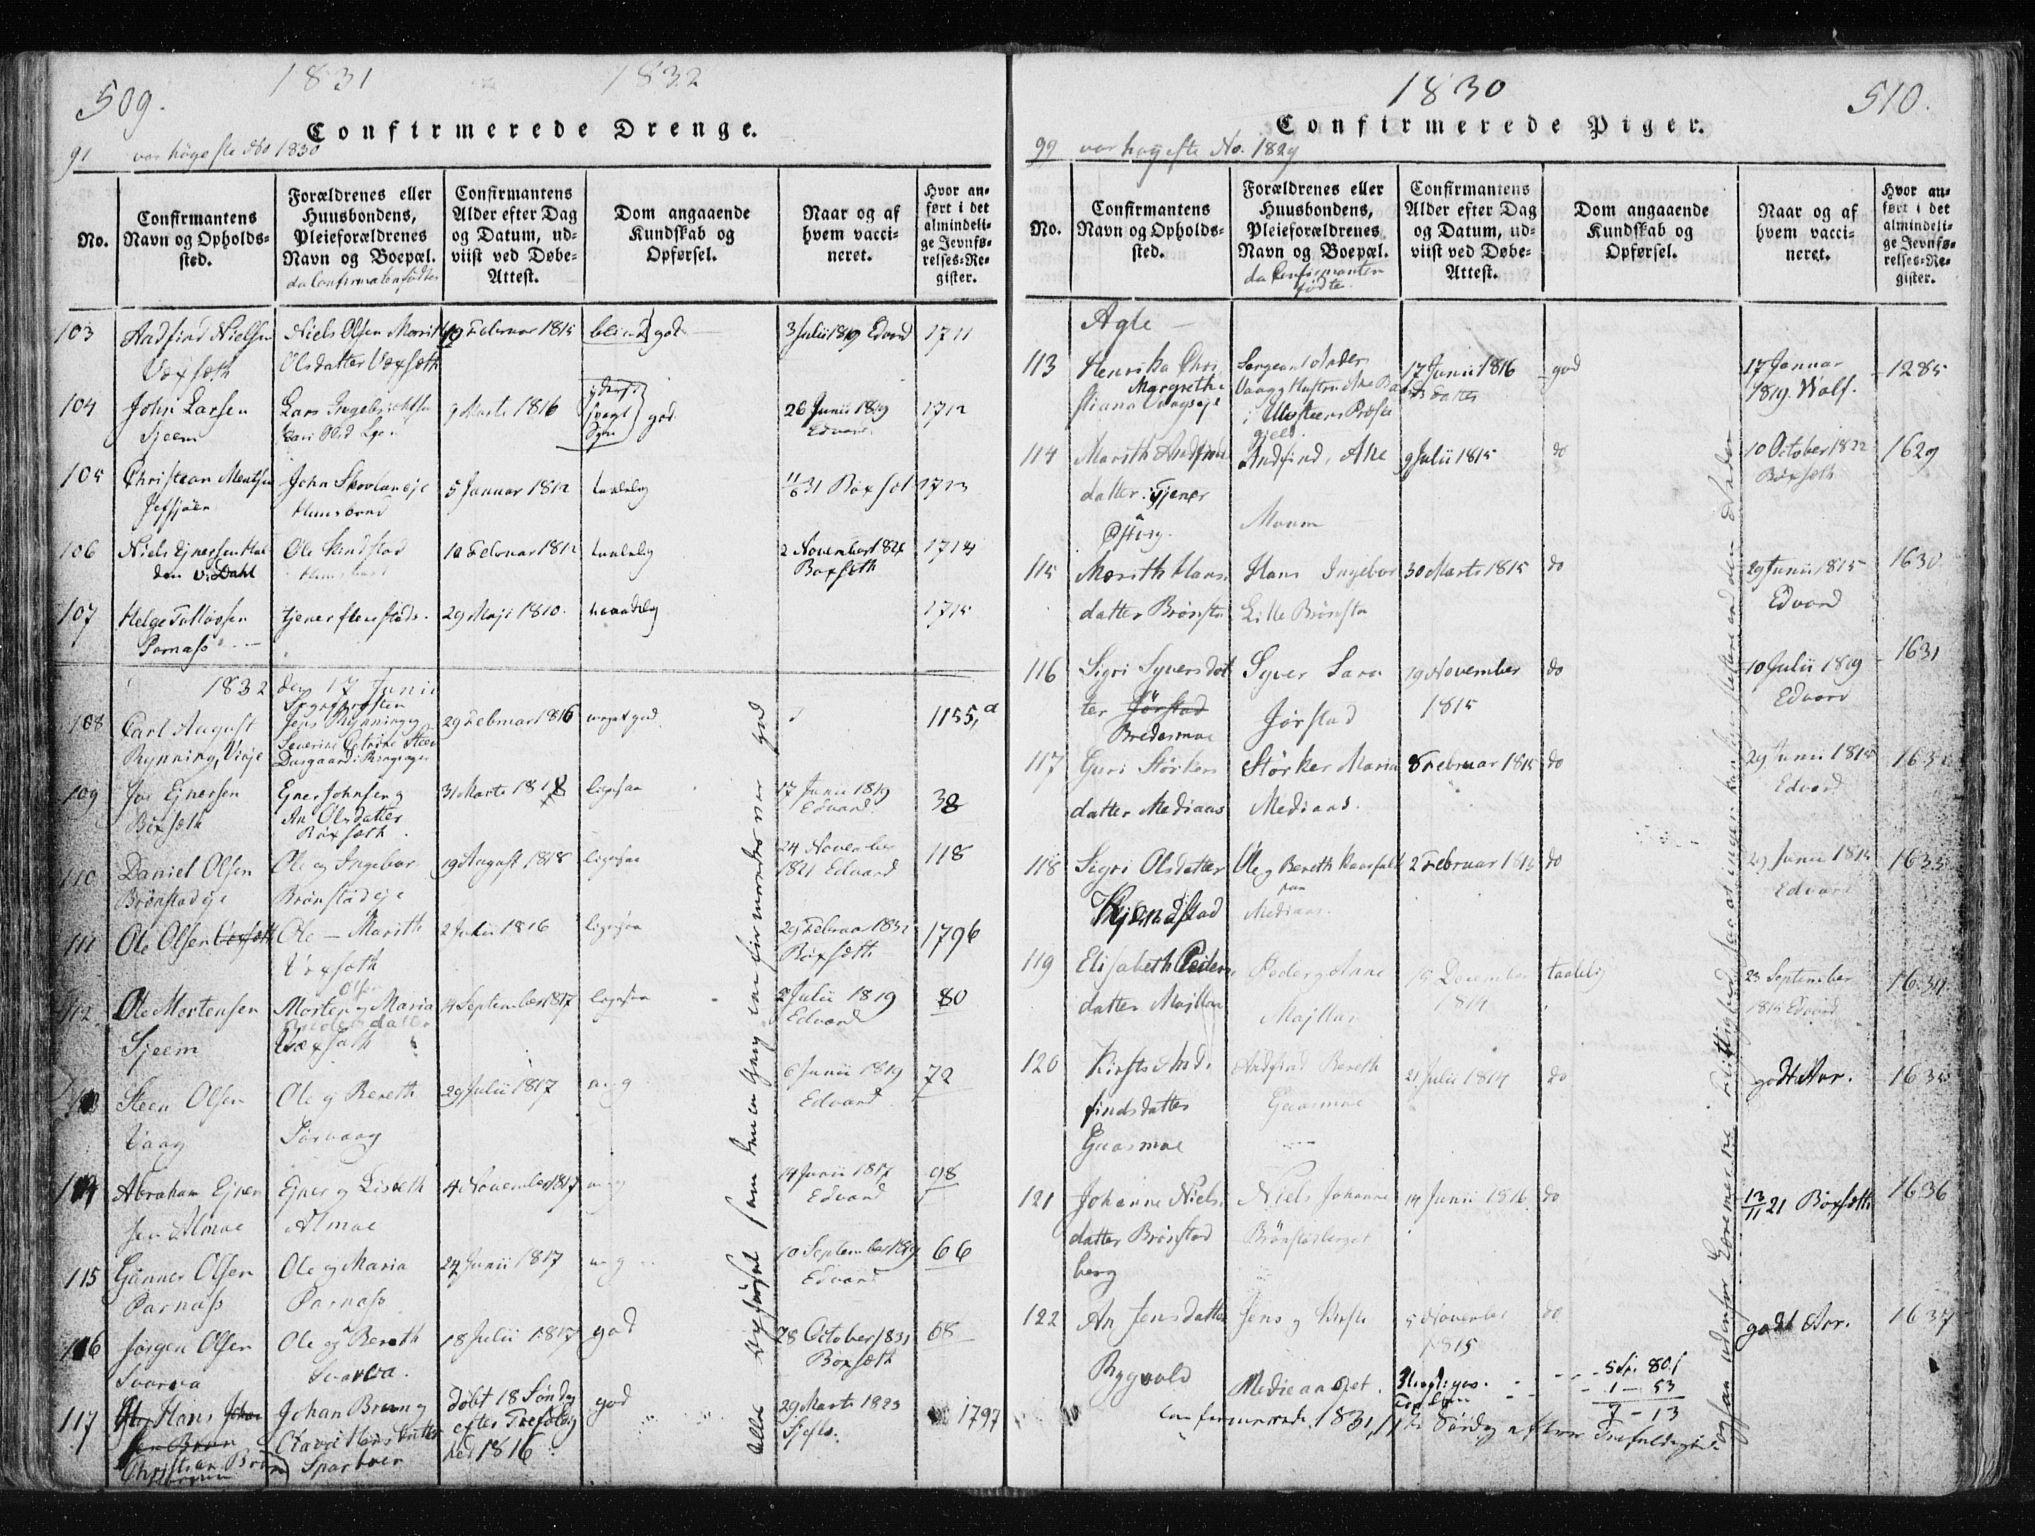 SAT, Ministerialprotokoller, klokkerbøker og fødselsregistre - Nord-Trøndelag, 749/L0469: Ministerialbok nr. 749A03, 1817-1857, s. 509-510